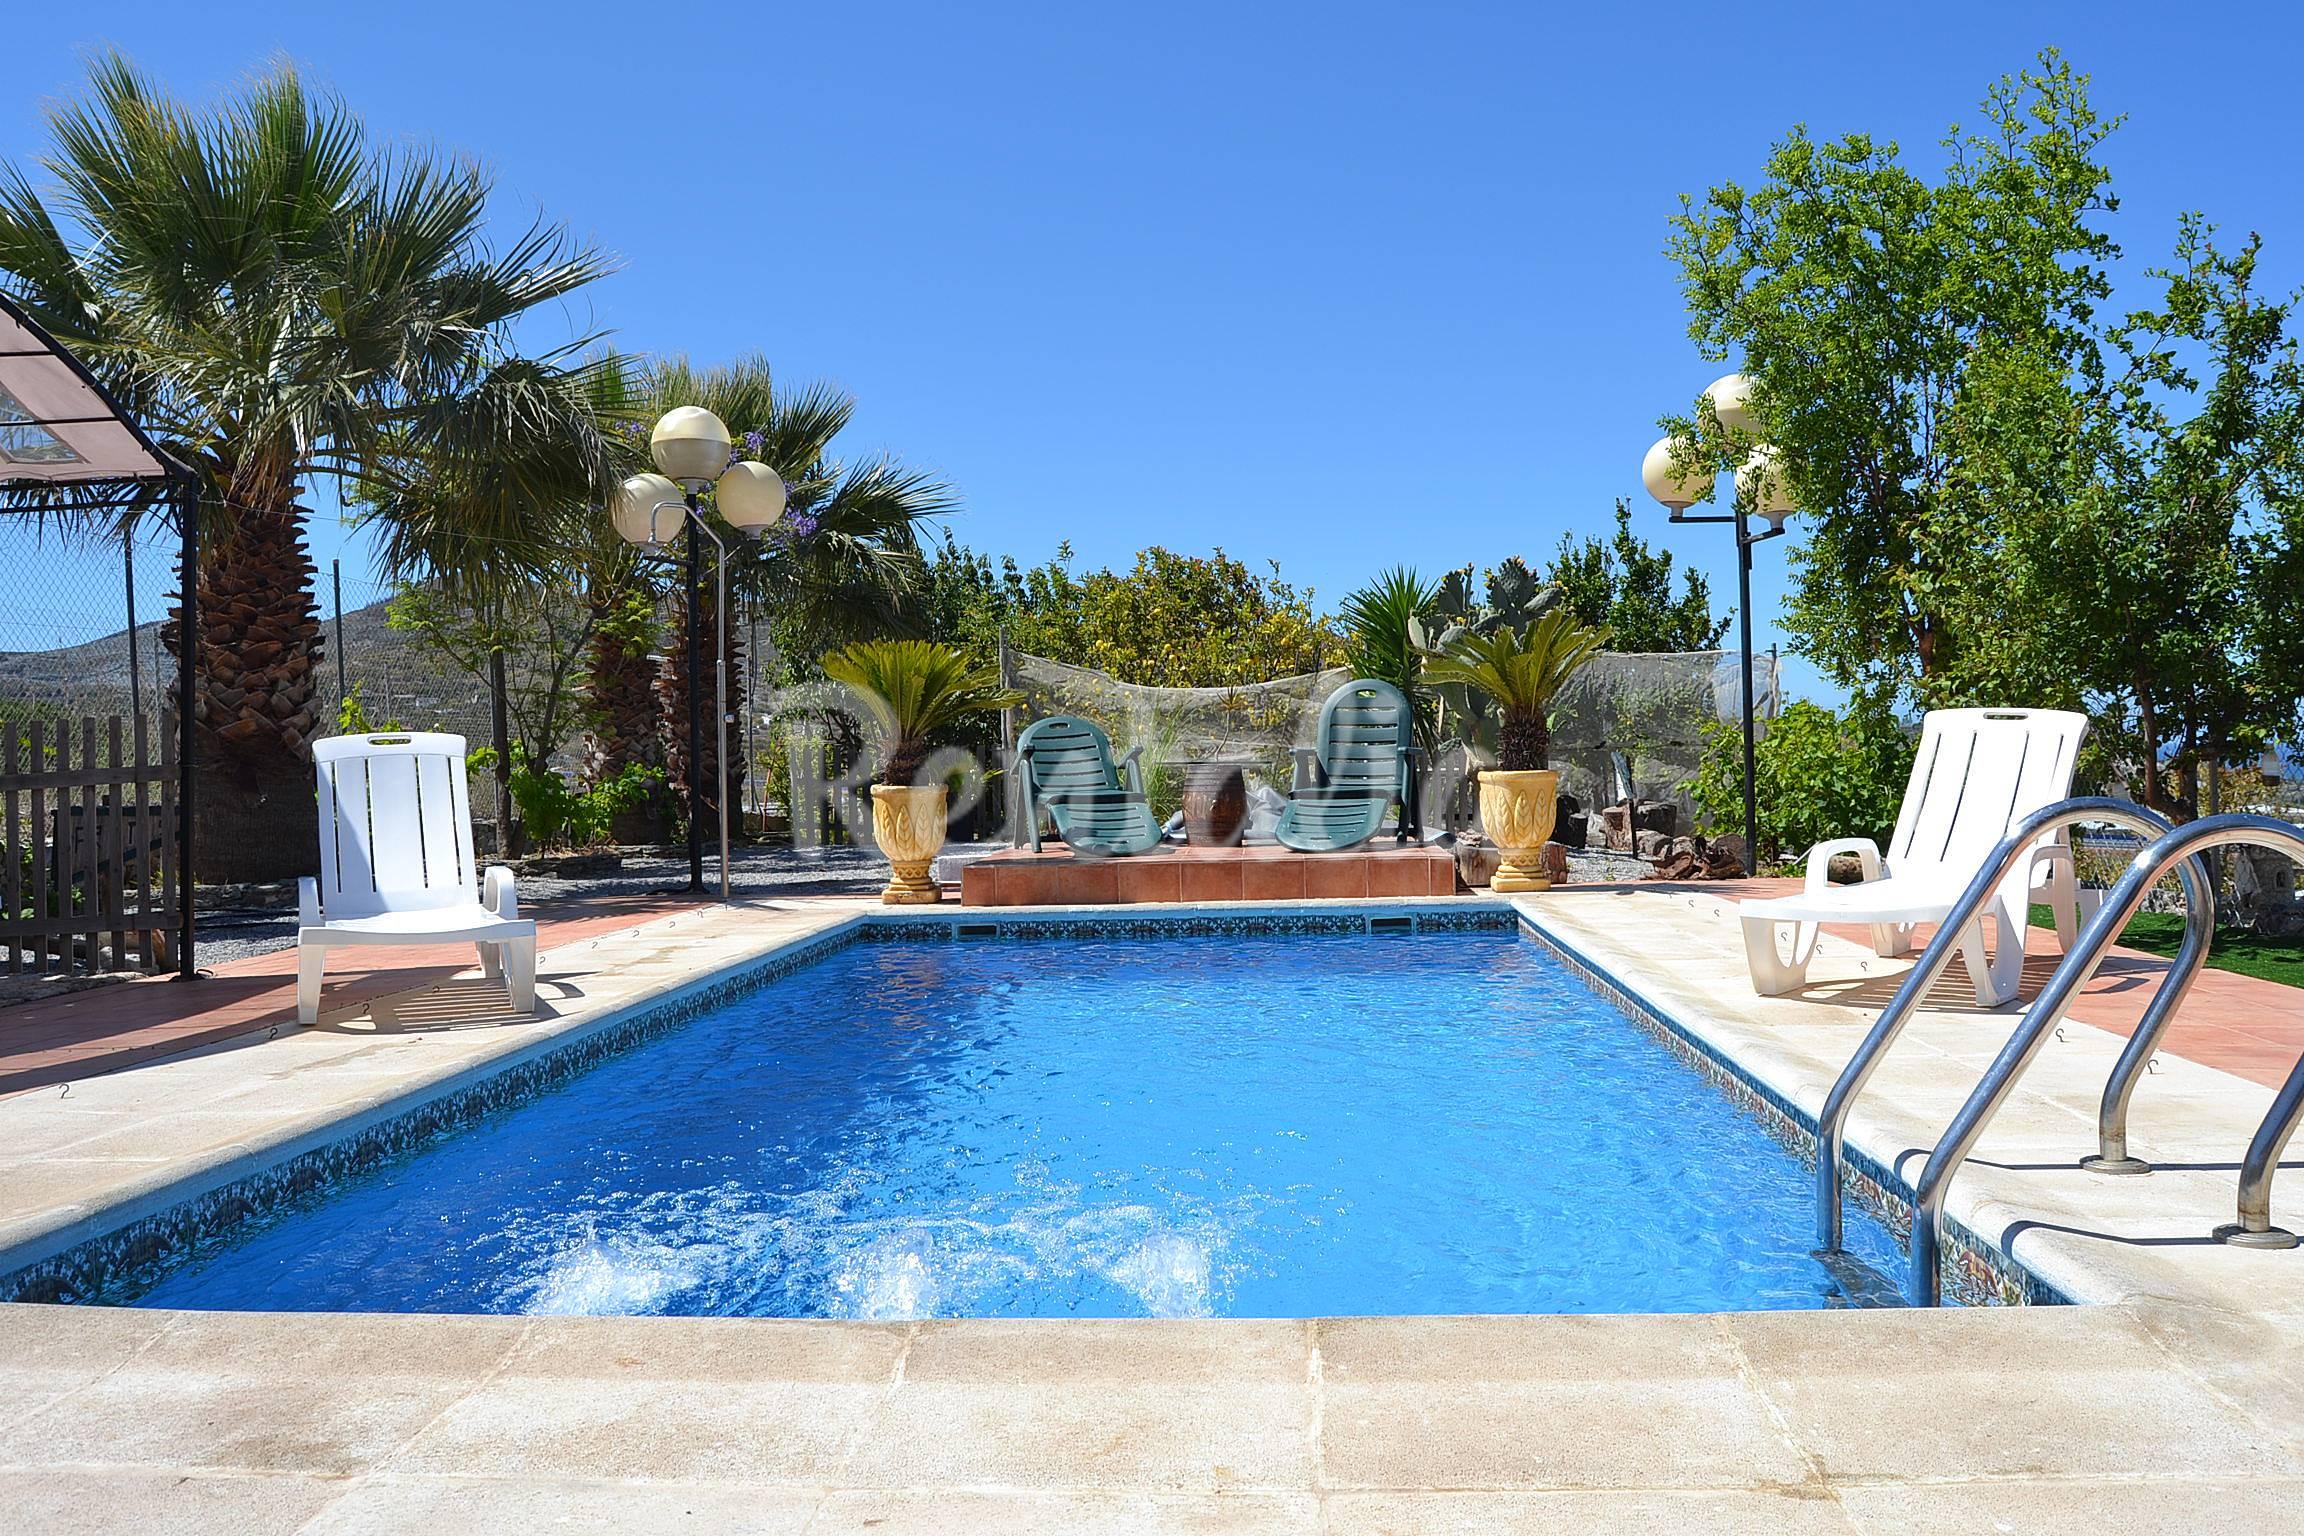 Alquiler vacaciones apartamentos y casas rurales en motril granada - Casas de alquiler en motril baratas ...